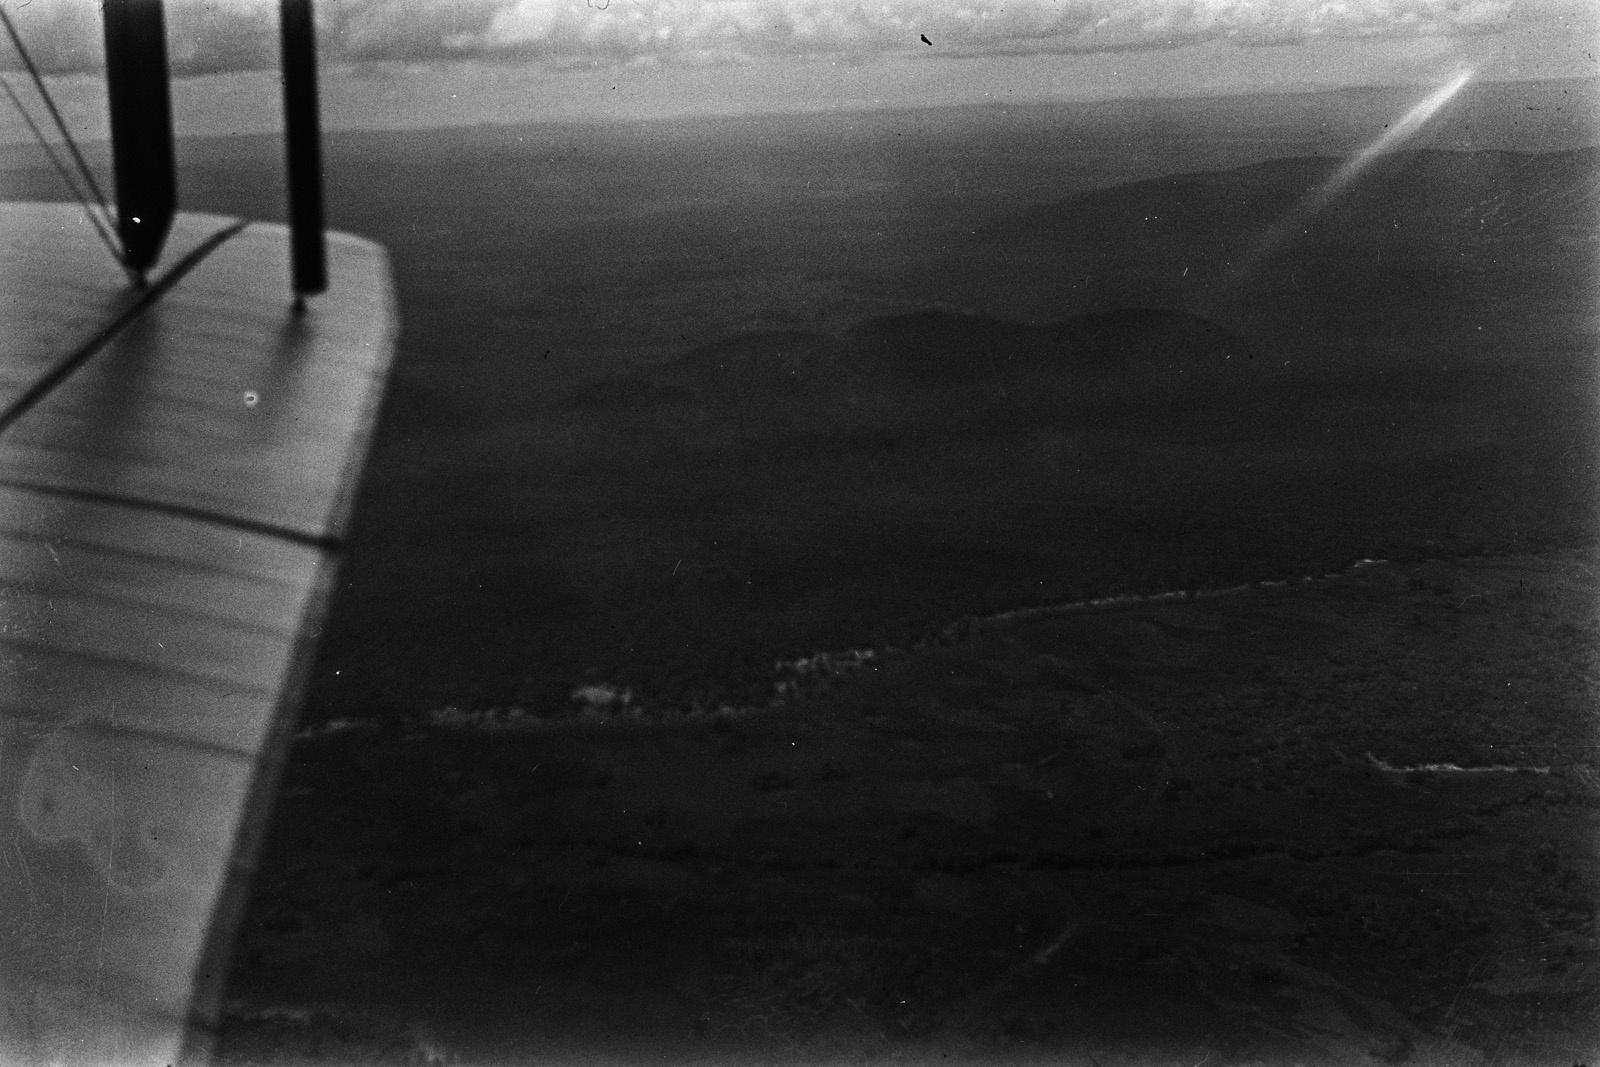 Северная Родезия. Вид дамбо с самолета